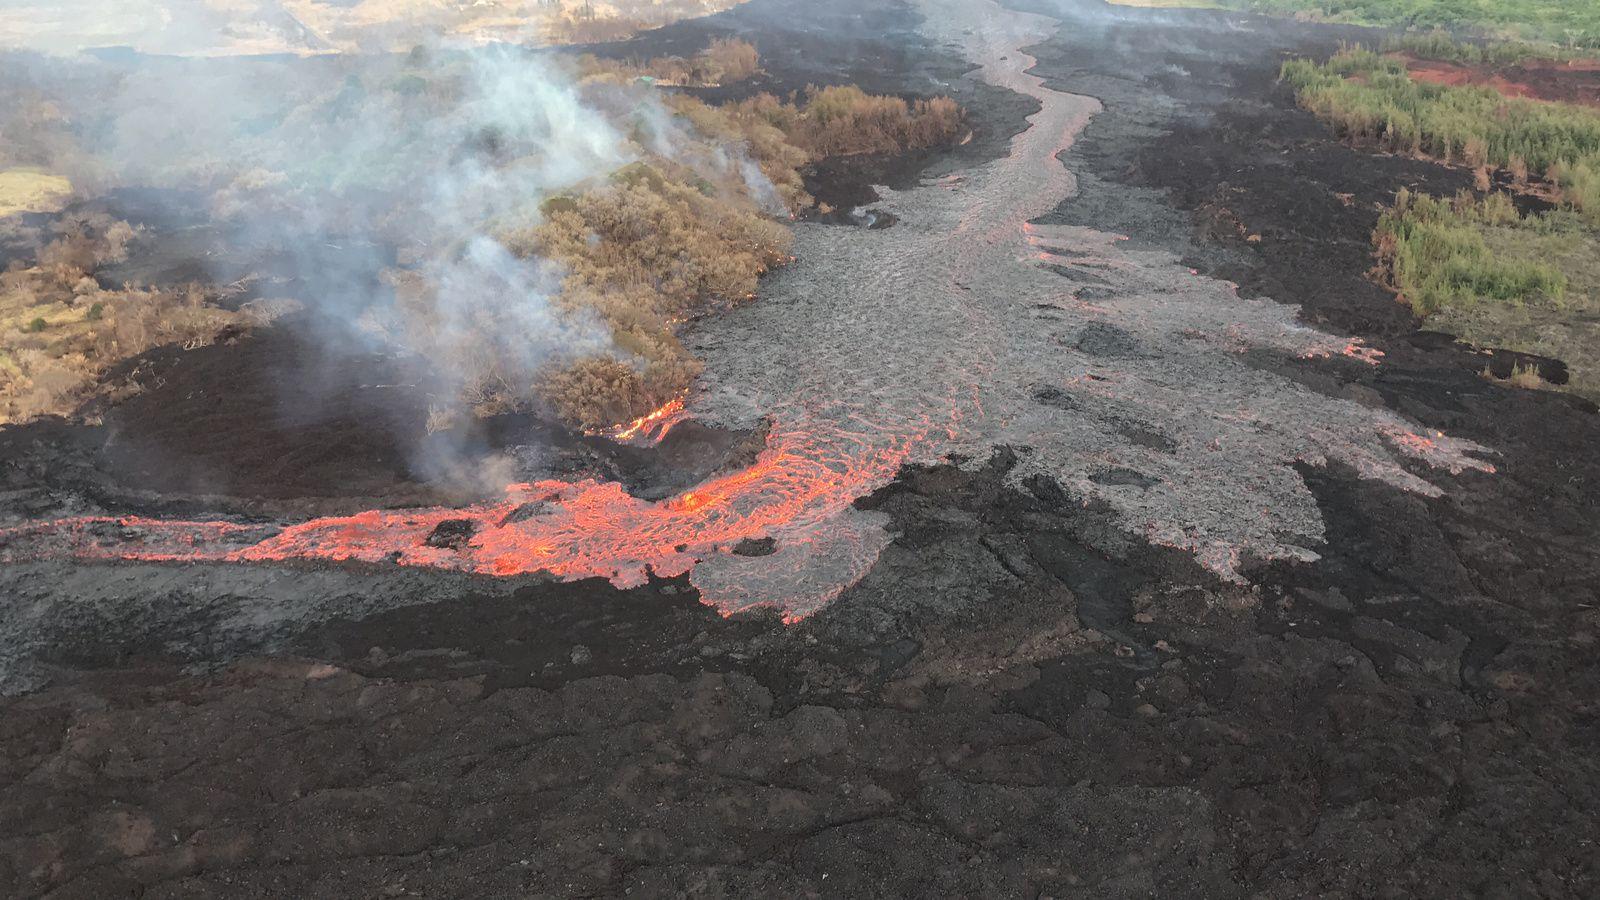 Kilauea zone de rift Est - évolution du bloquage de la coulée canalisée, avec débordements de lave - photos USGS 03.07.2018